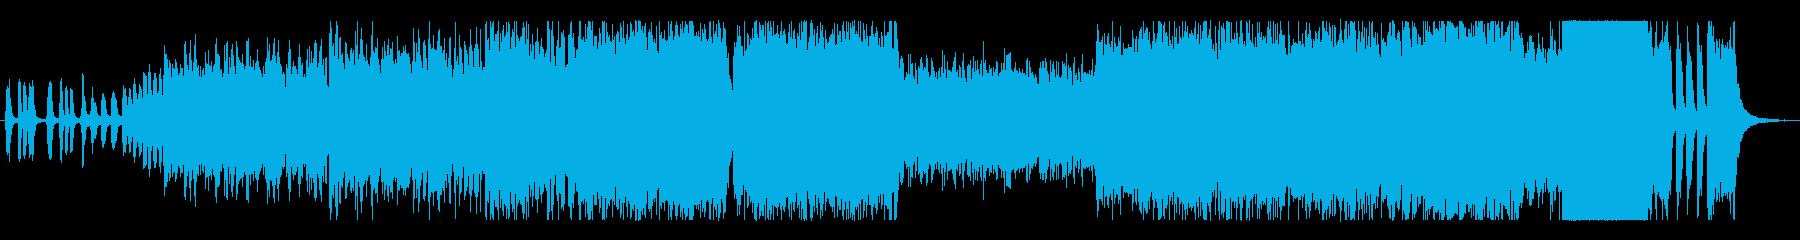 運動会の競争で使われるクラシックの曲の再生済みの波形